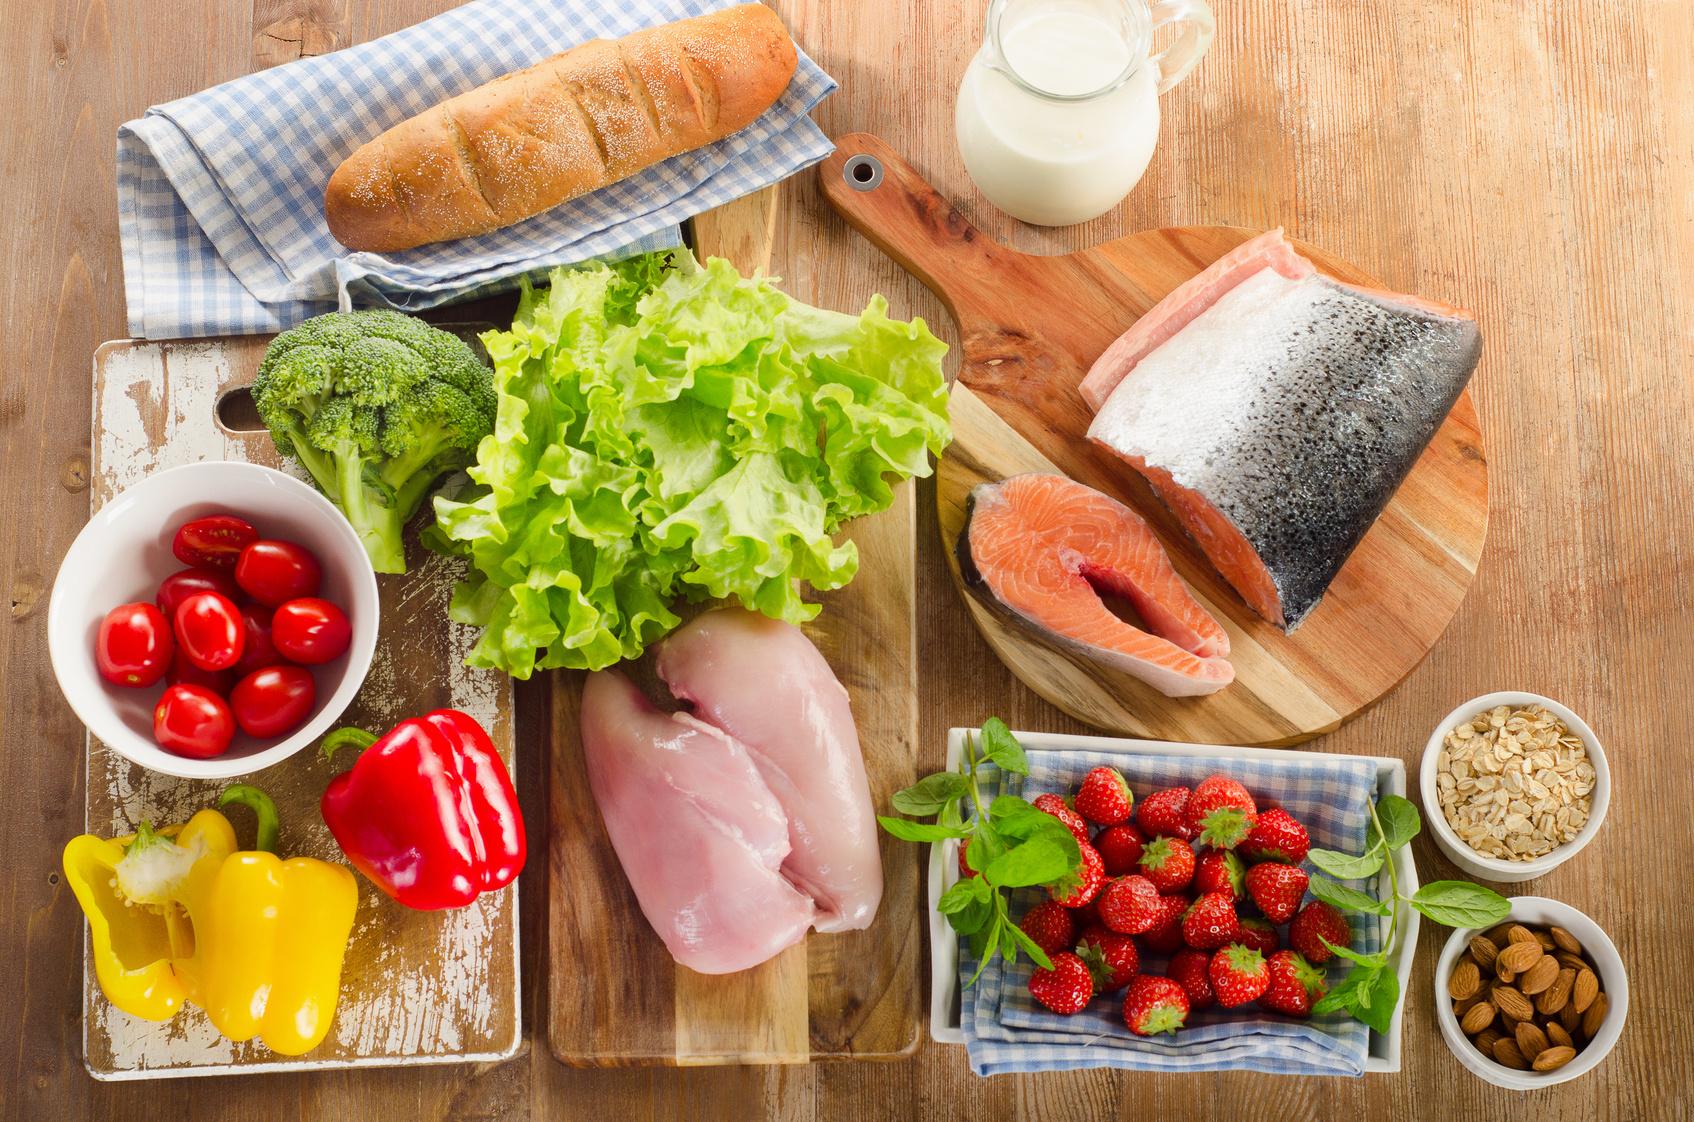 Низкоуглеводная Диета Для Ног. Полное руководство по низкоуглеводной диете для похудения + результаты до и после